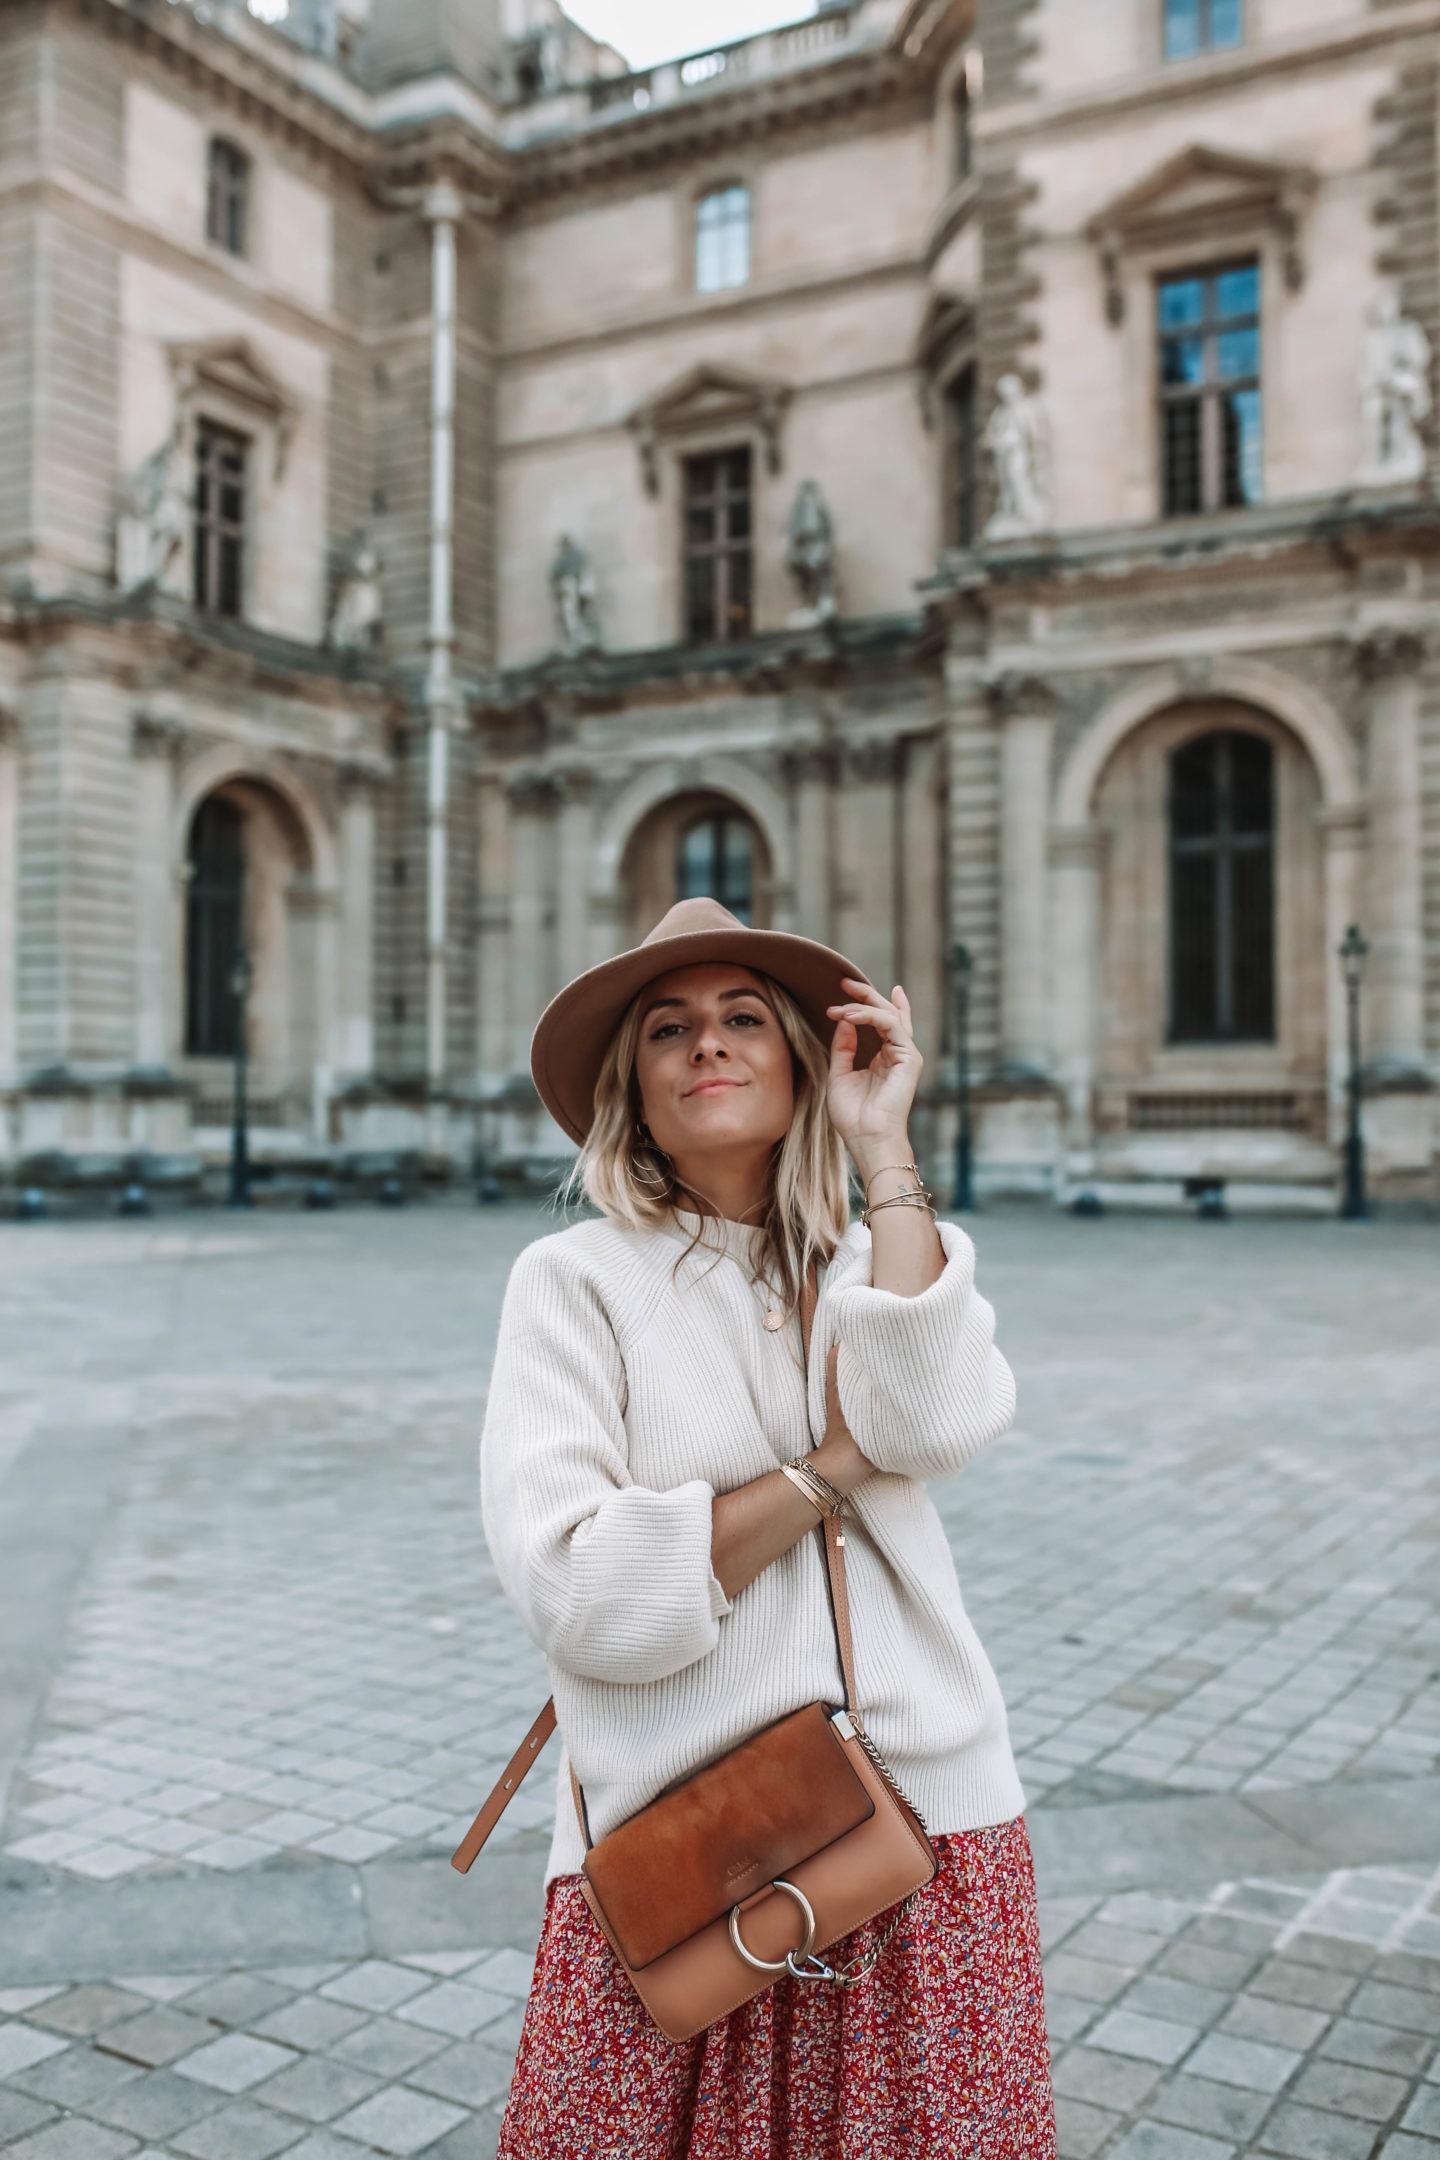 Robe See U Soon - Blondie Baby blog mode Paris et voyages